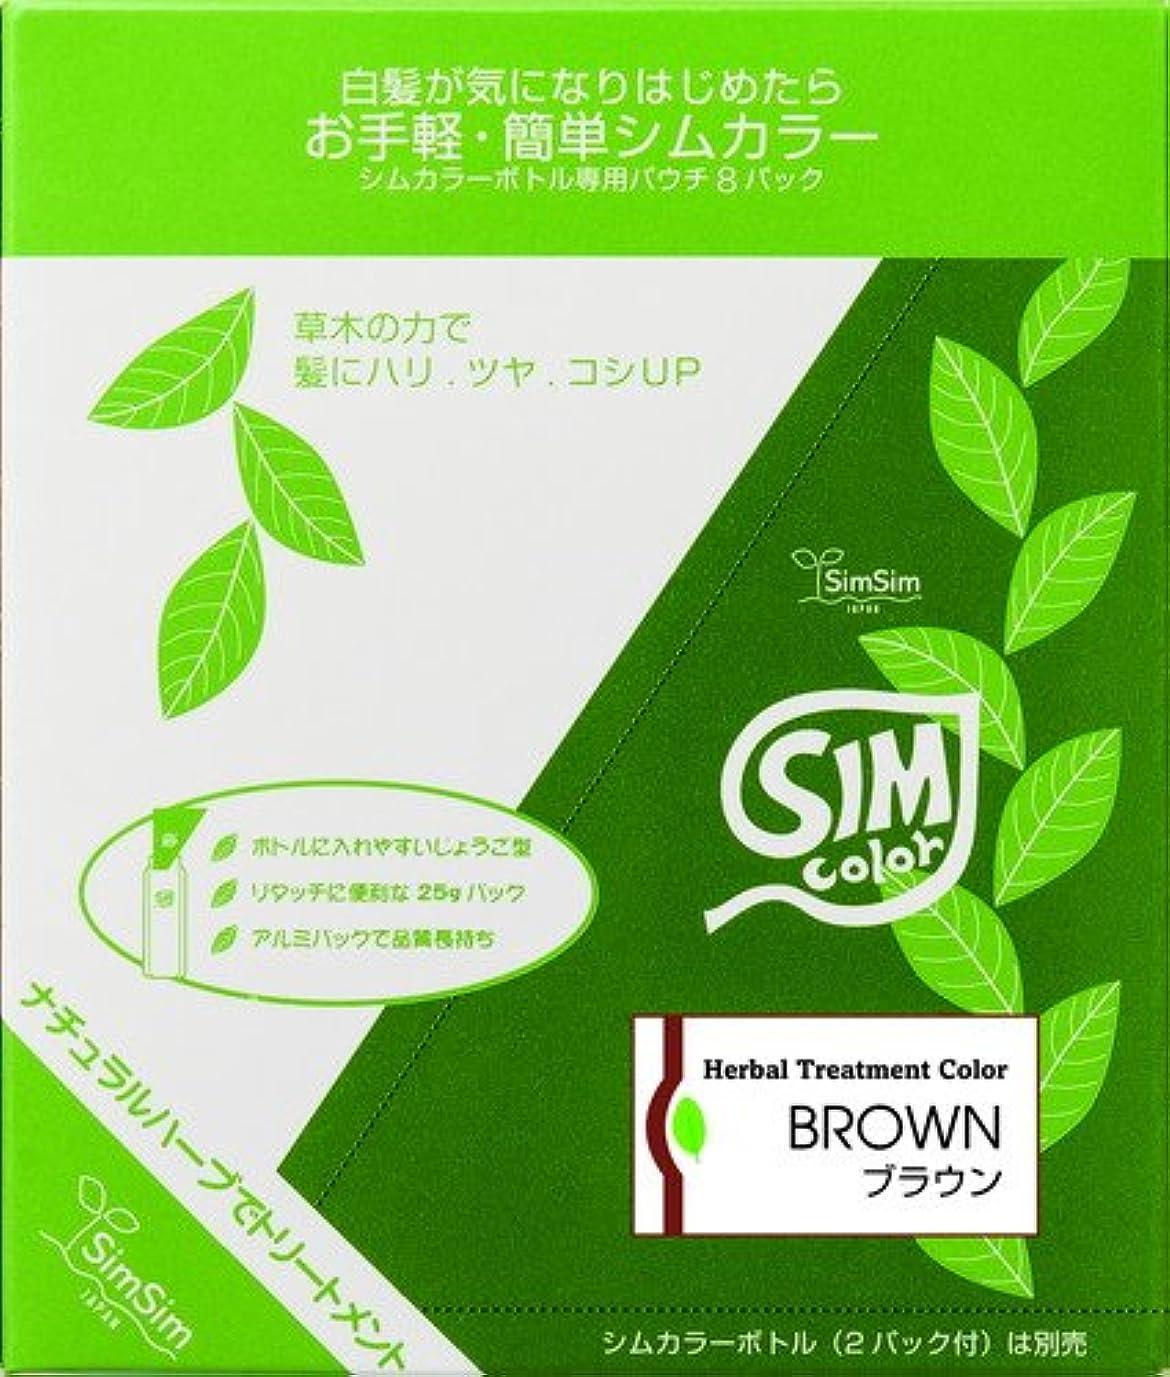 予測する寂しいブルゴーニュSimSim(シムシム)お手軽簡単シムカラーエクストラ(EX)25g 8袋 ブラウン